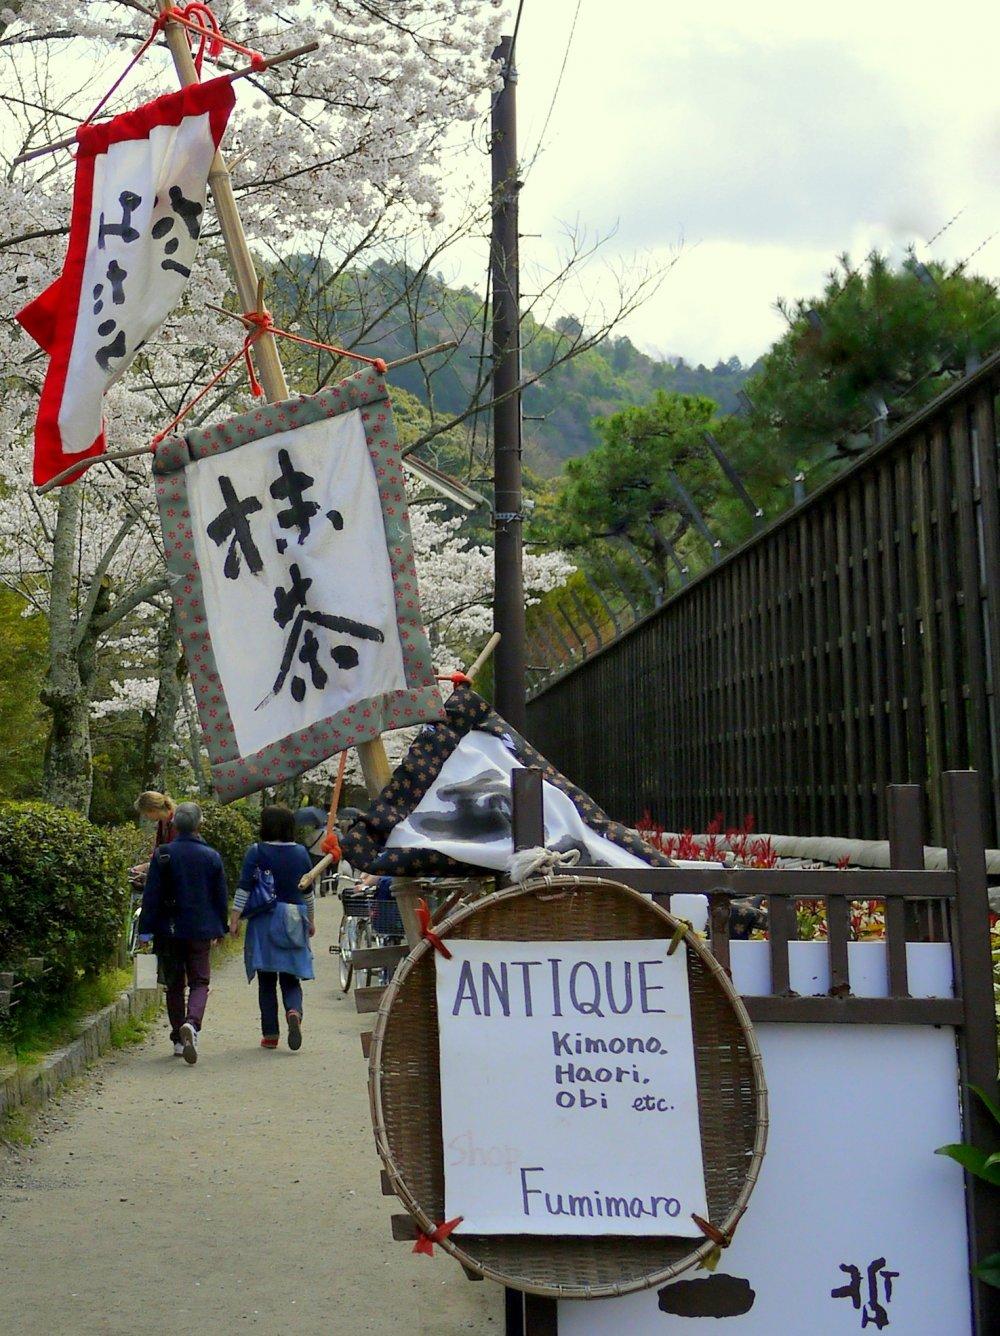 옛 기모노 옷감을 이용해서 만든 독특한 배너